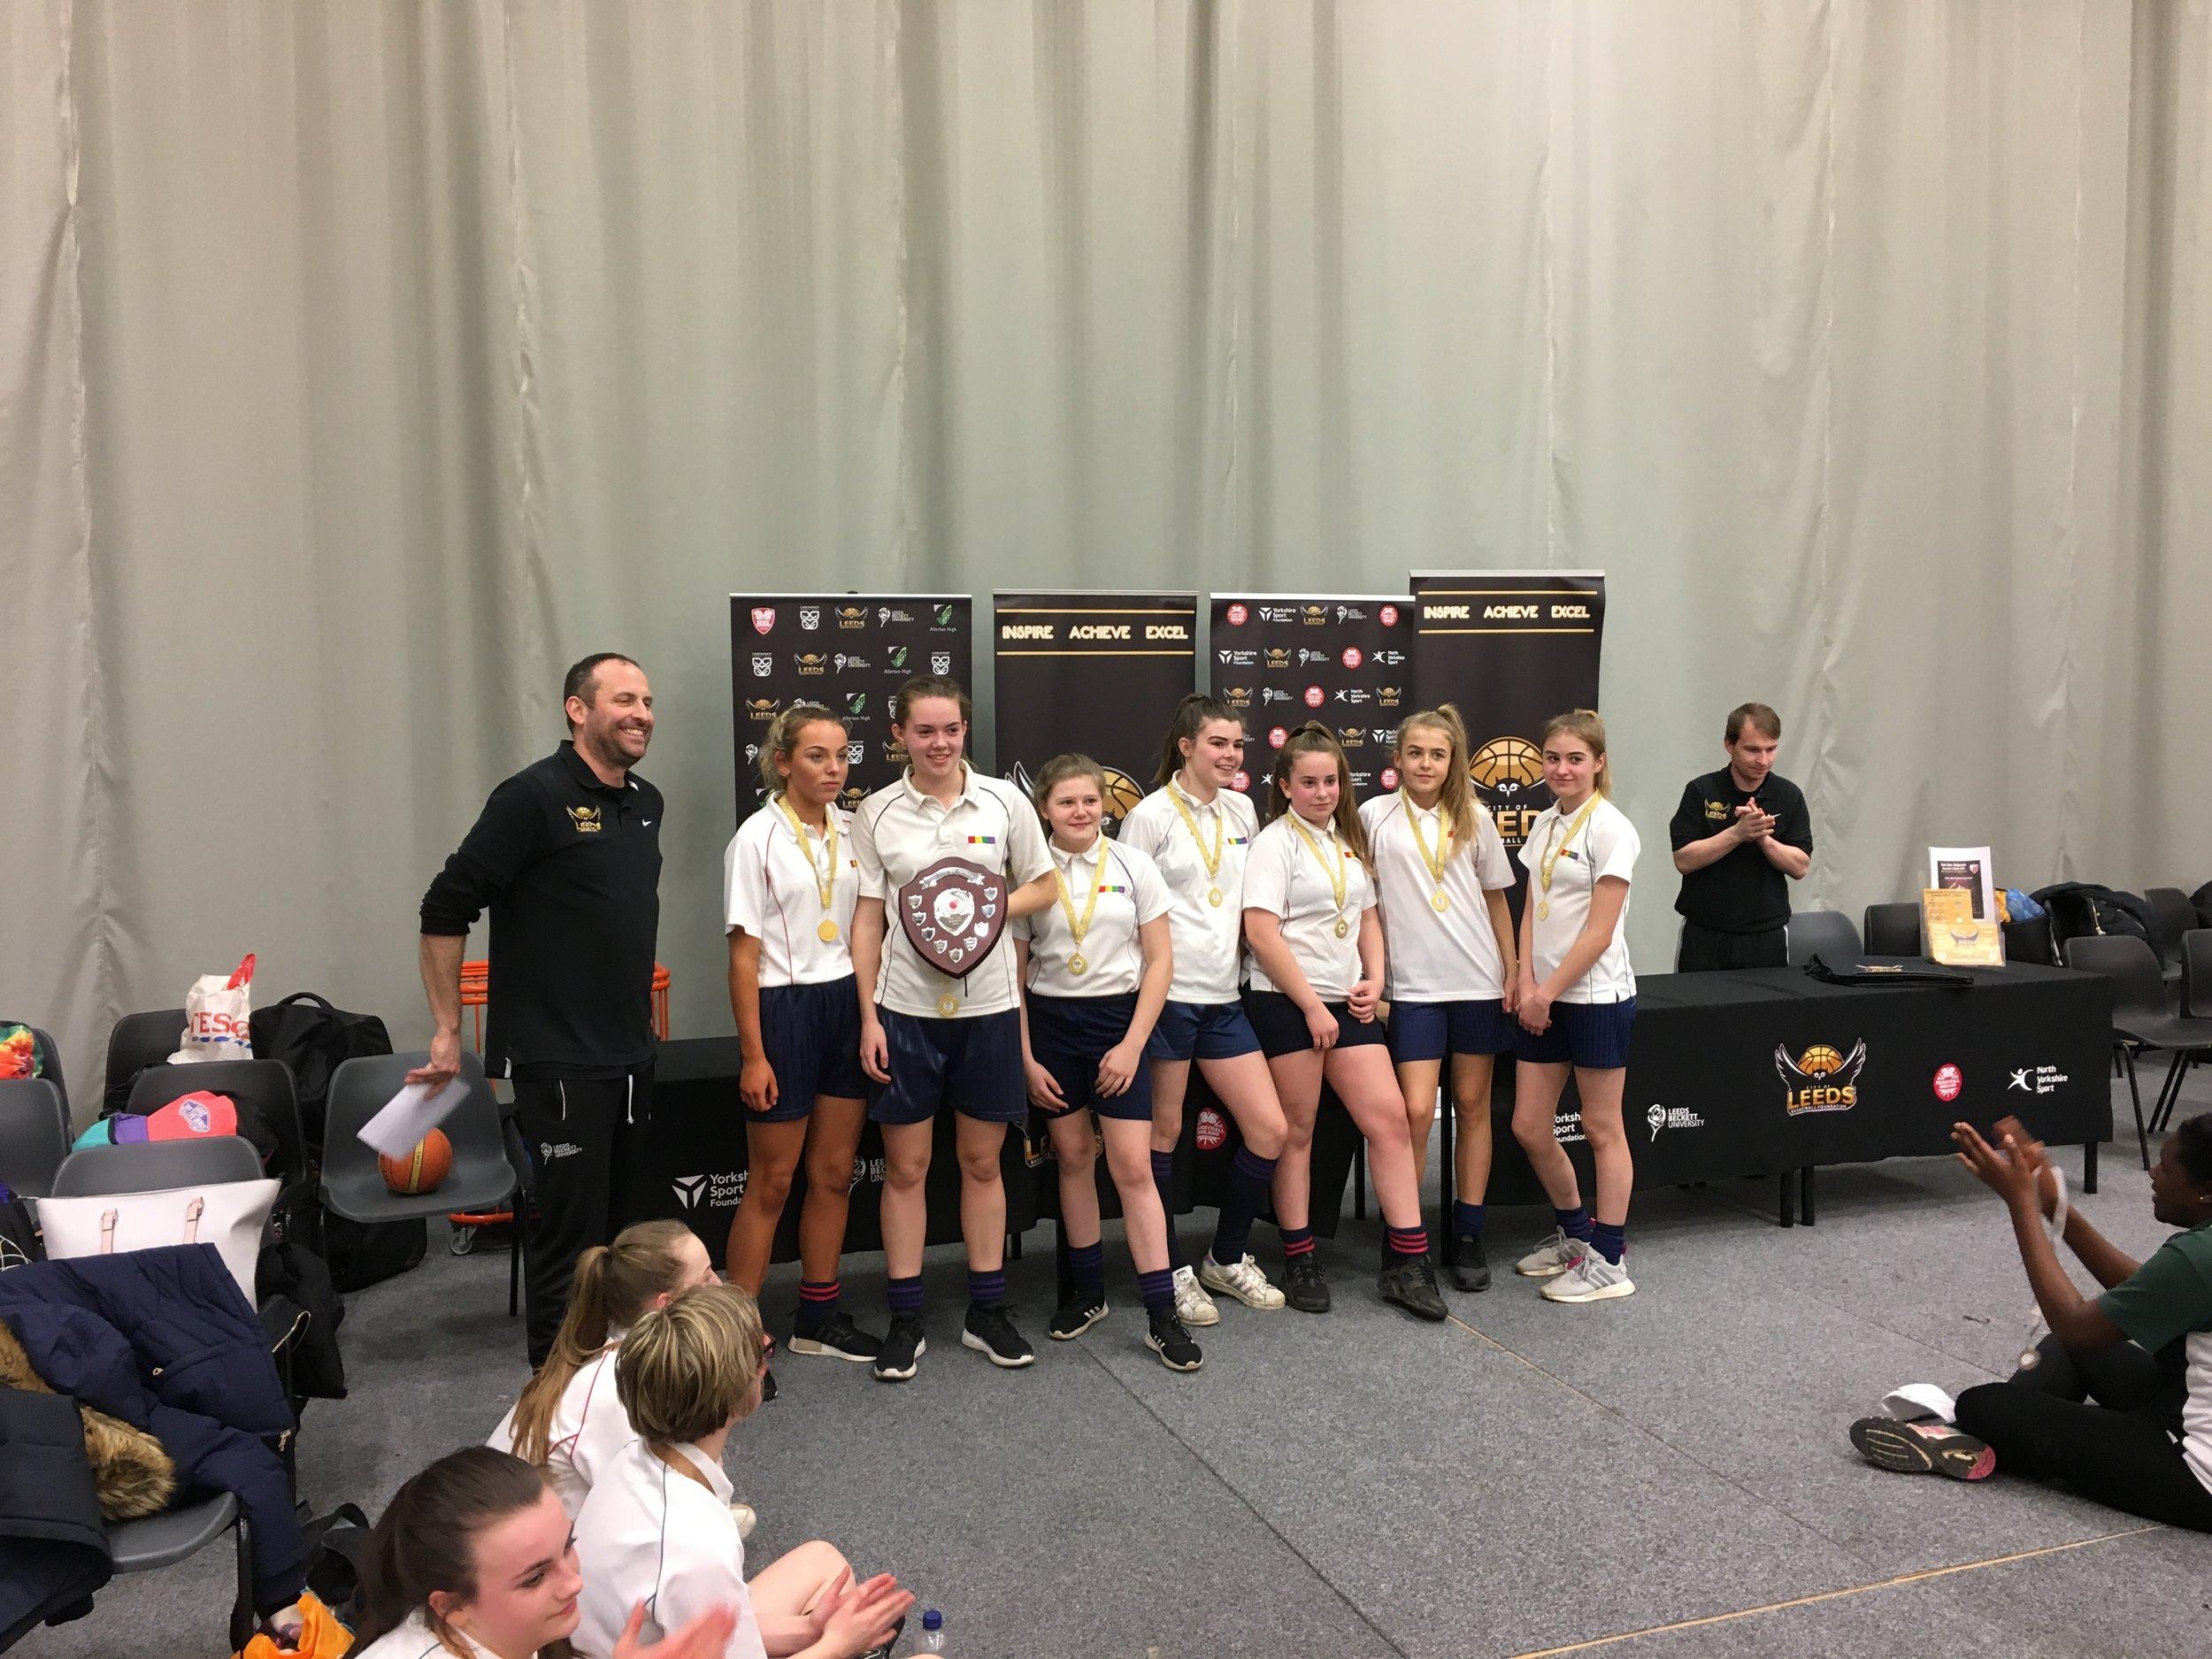 Morley Academy - 1st place Leeds Girls U14 Final 2018.